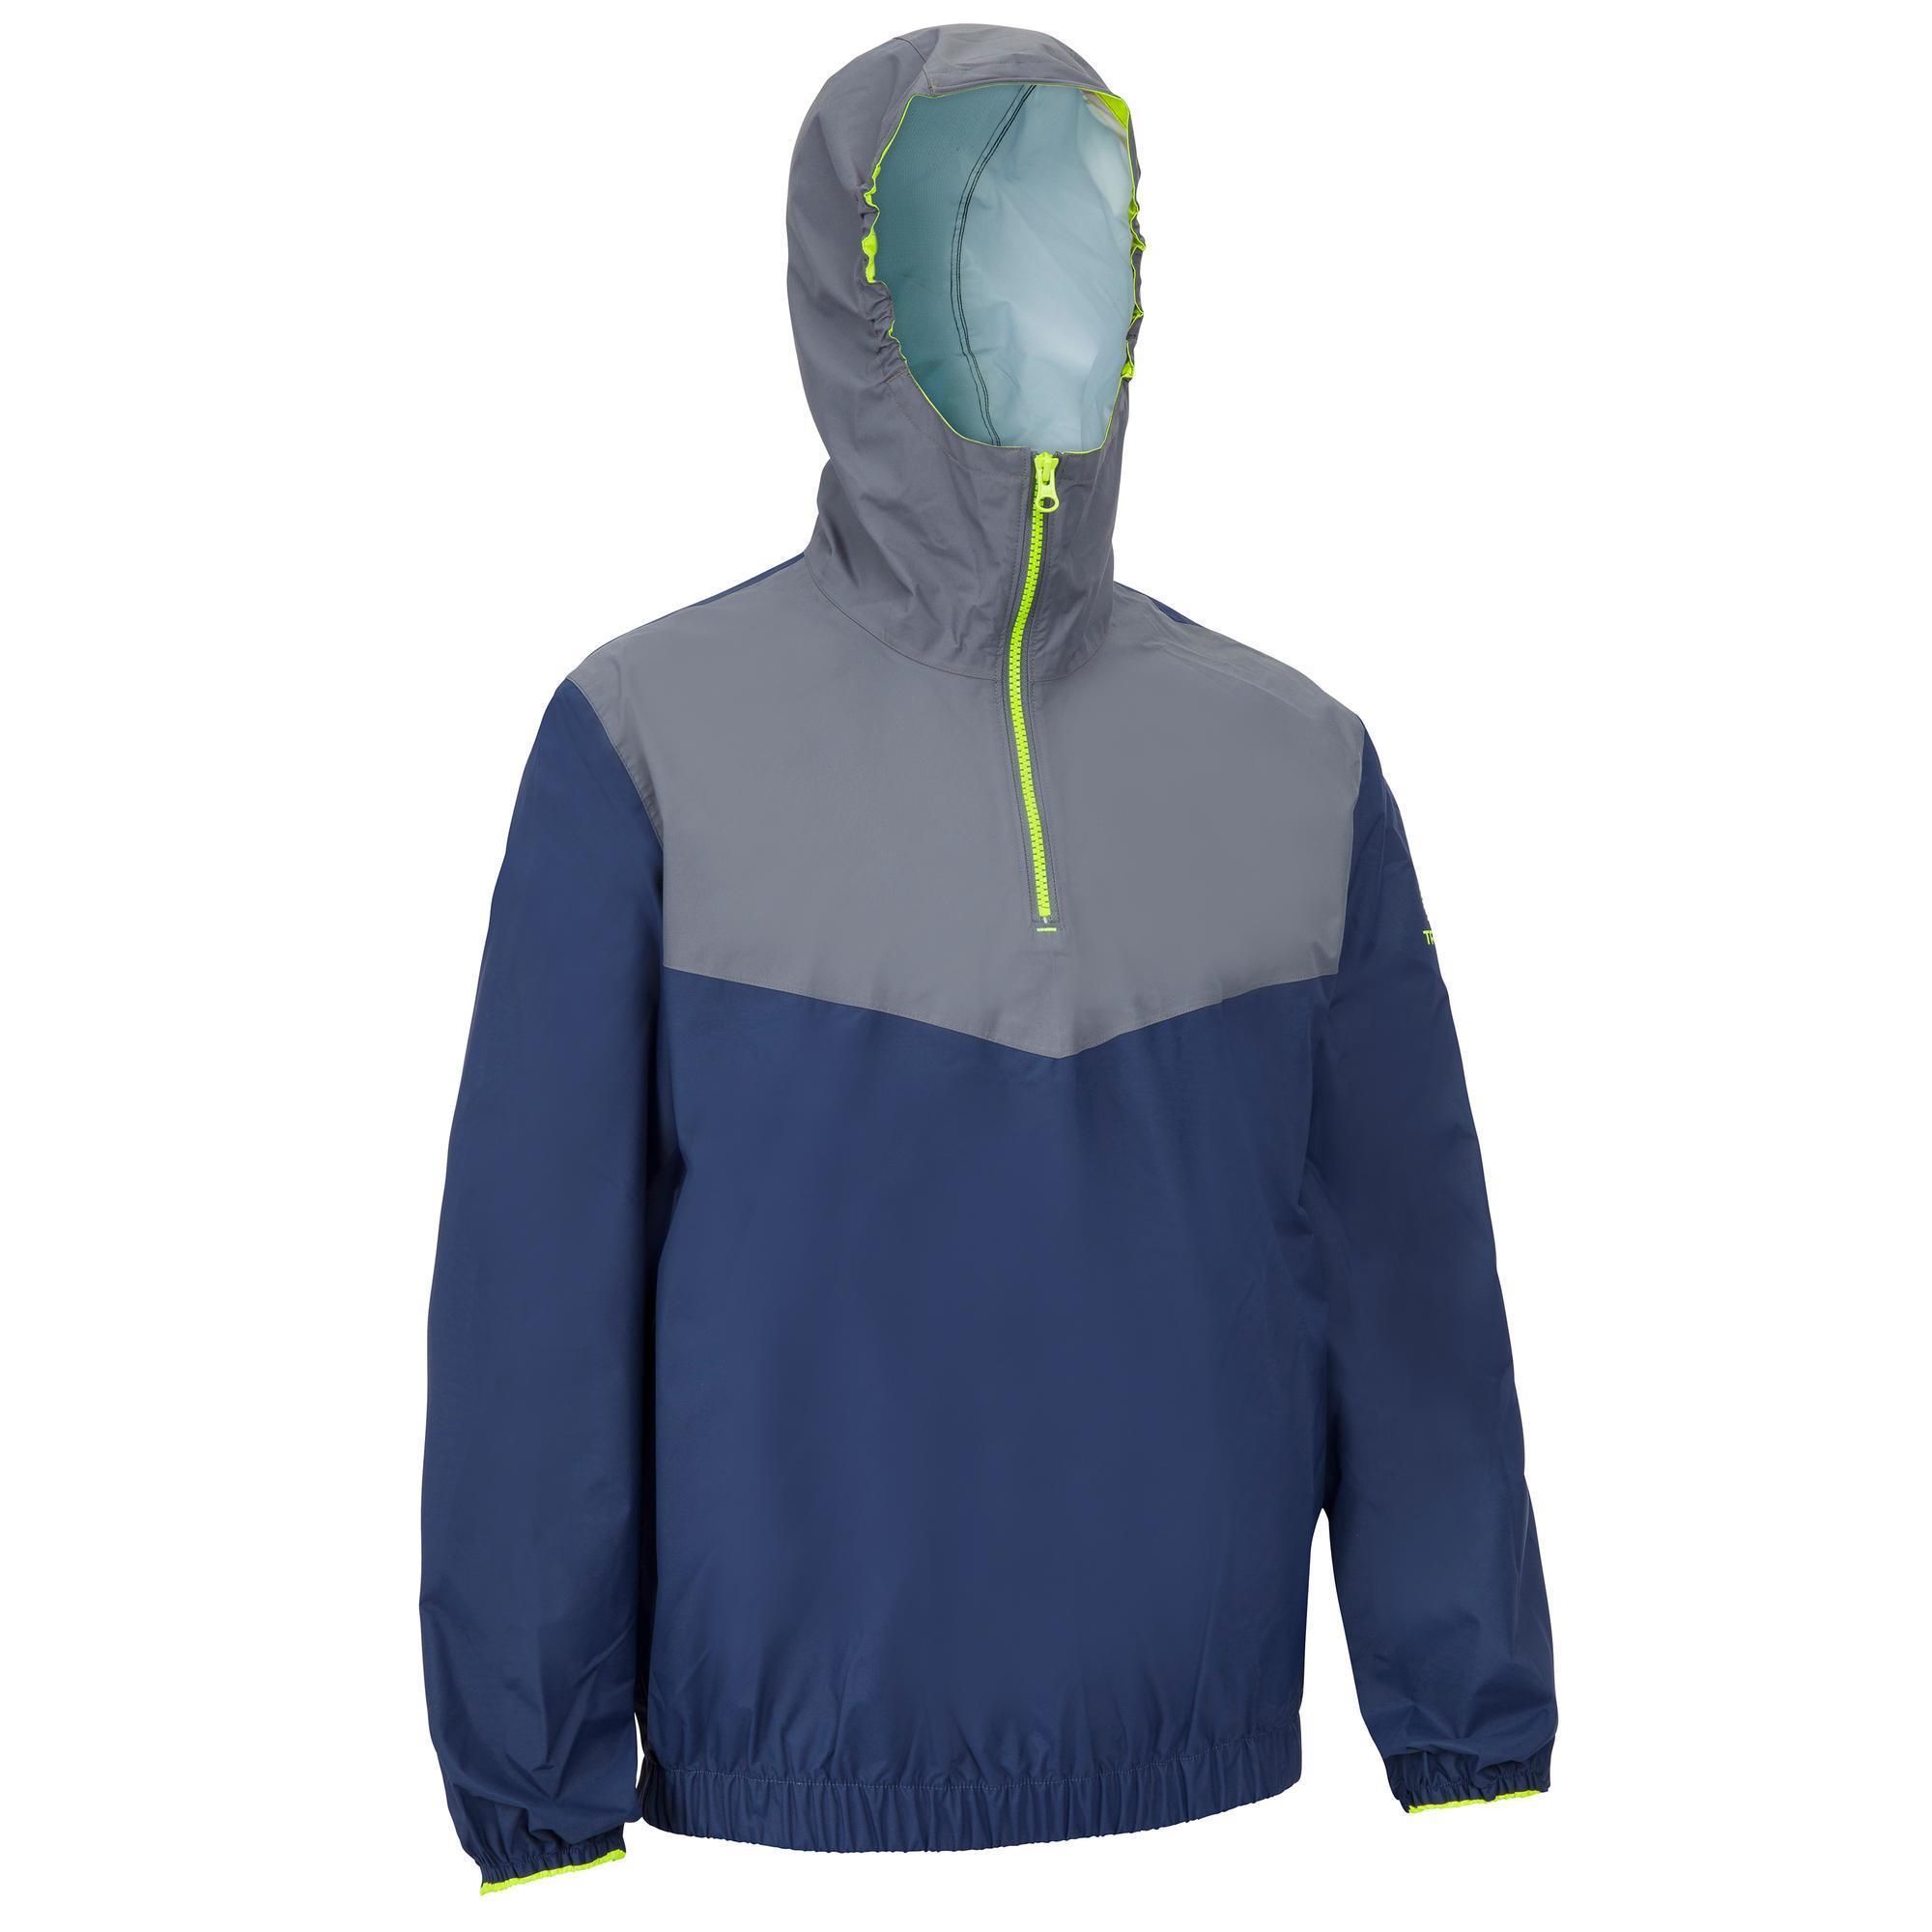 Segeljacke Dinghy 100 winddicht Erwachsene blau/grau | Sportbekleidung > Sportjacken > Sonstige Sportjacken | Blau - Grau - Gelb | Tribord